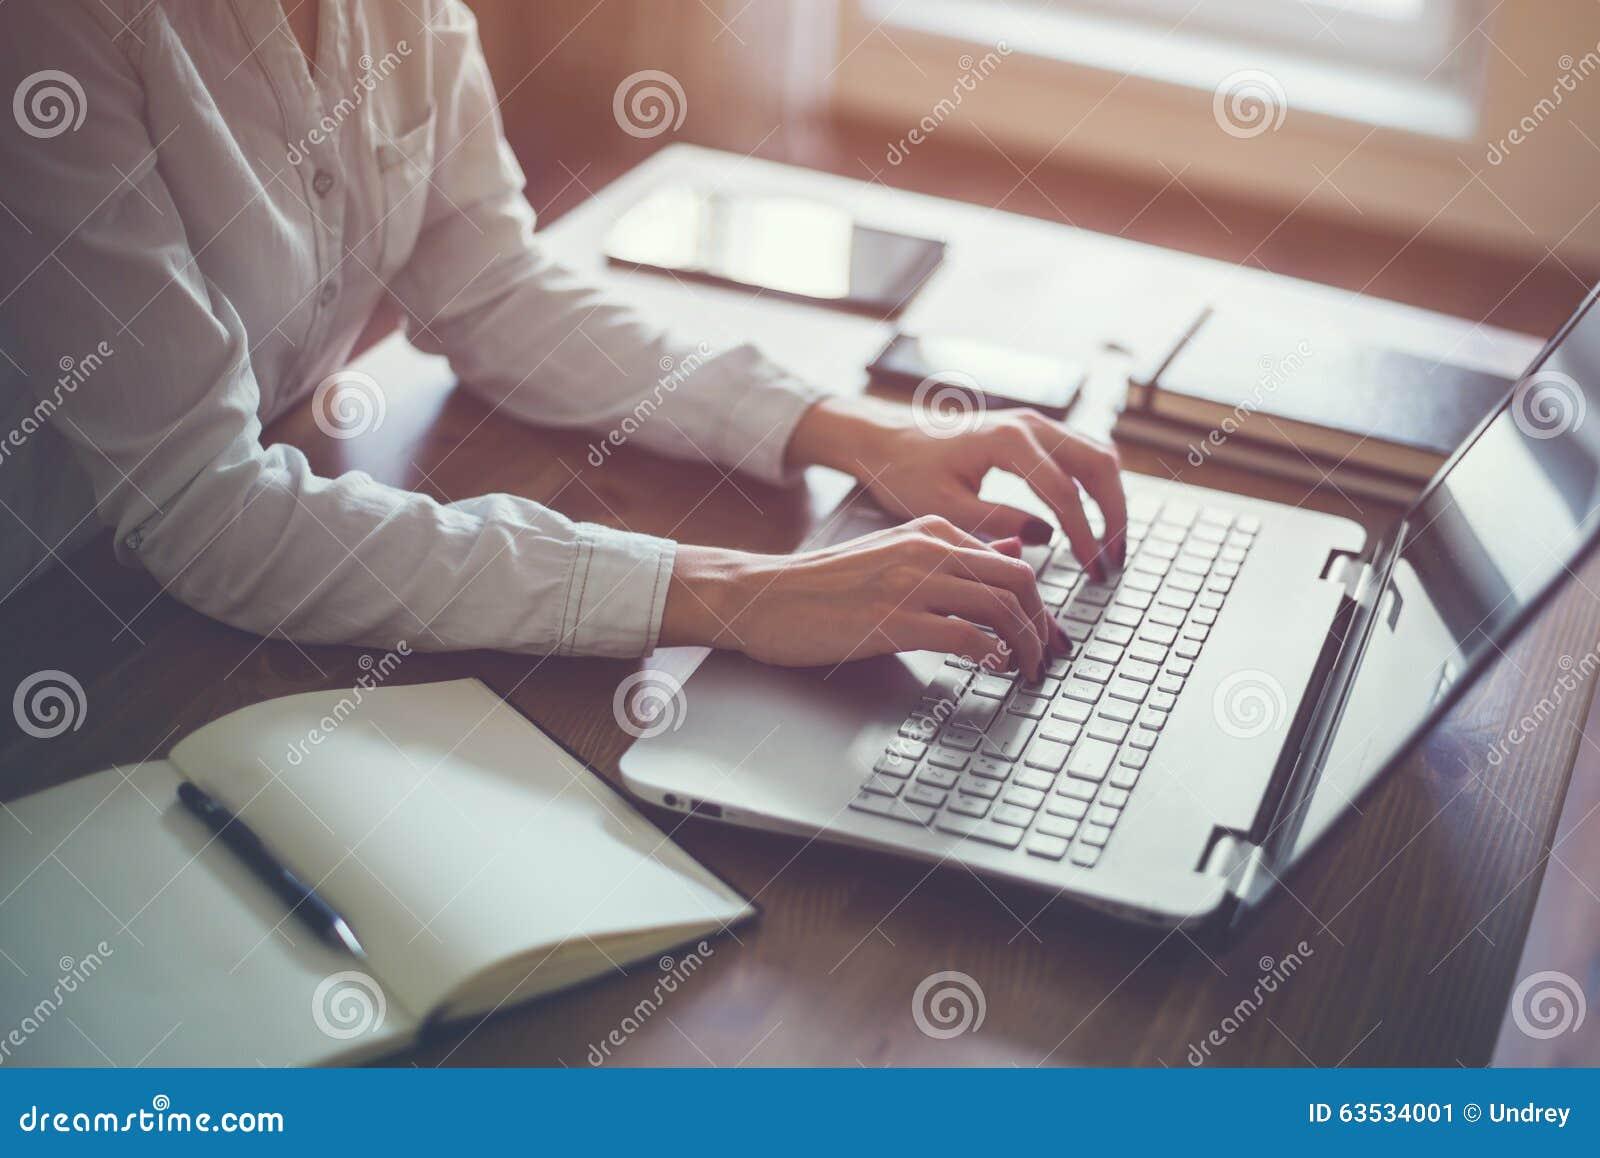 Δακτυλογράφηση επιχειρηματιών στο lap-top στην εργασία γυναικών εργασιακών χώρων στο πληκτρολόγιο χεριών Υπουργείων Εσωτερικών